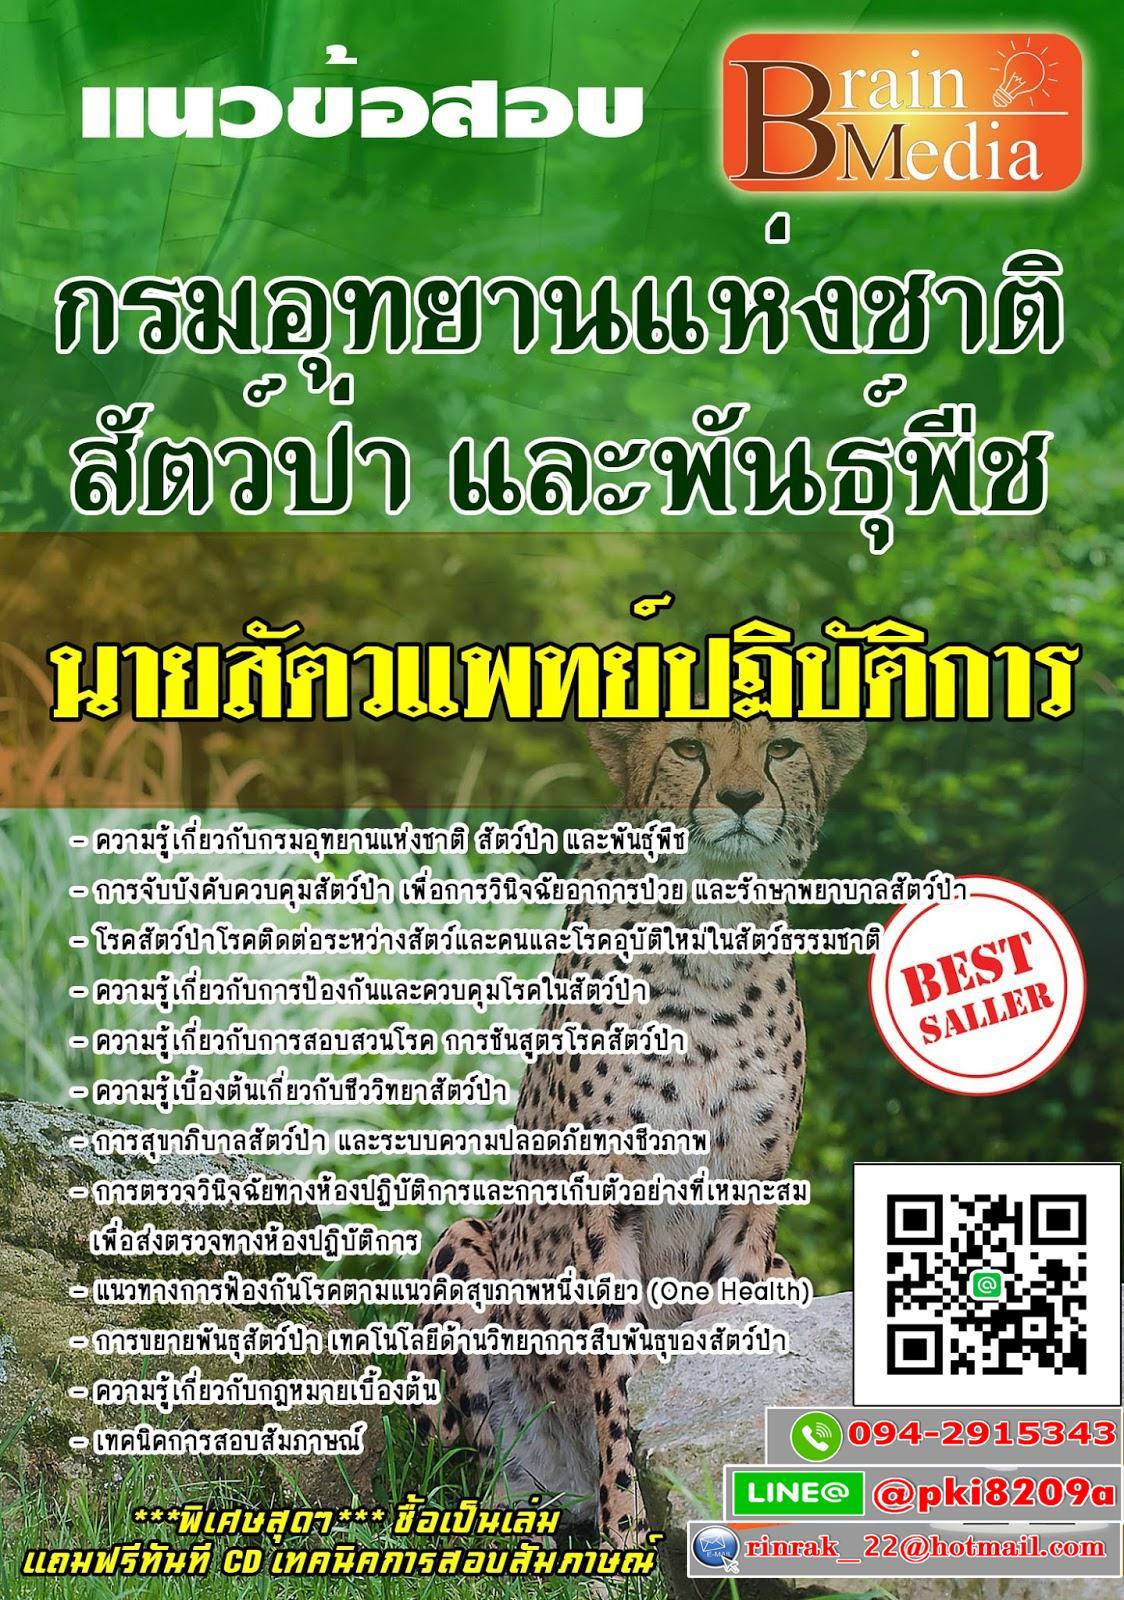 สรุปแนวข้อสอบ นายสัตวแพทย์ปฏิบัติการ กรมอุทยานแห่งชาติสัตว์ป่าและพันธุ์พืช